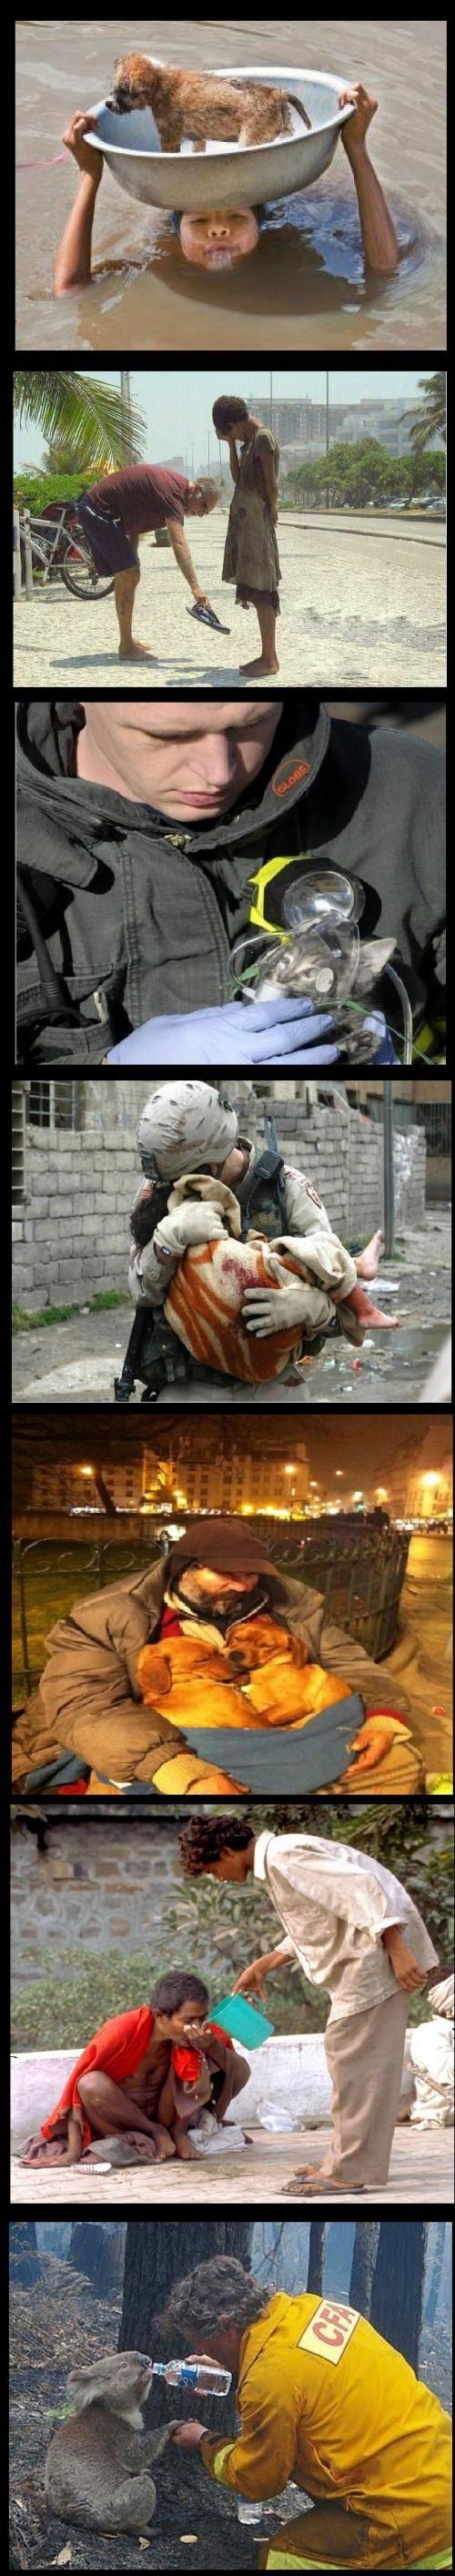 Faith in humanity- Die Welt ist schöner als wir manchmal glauben. Man muss es nur sehen.